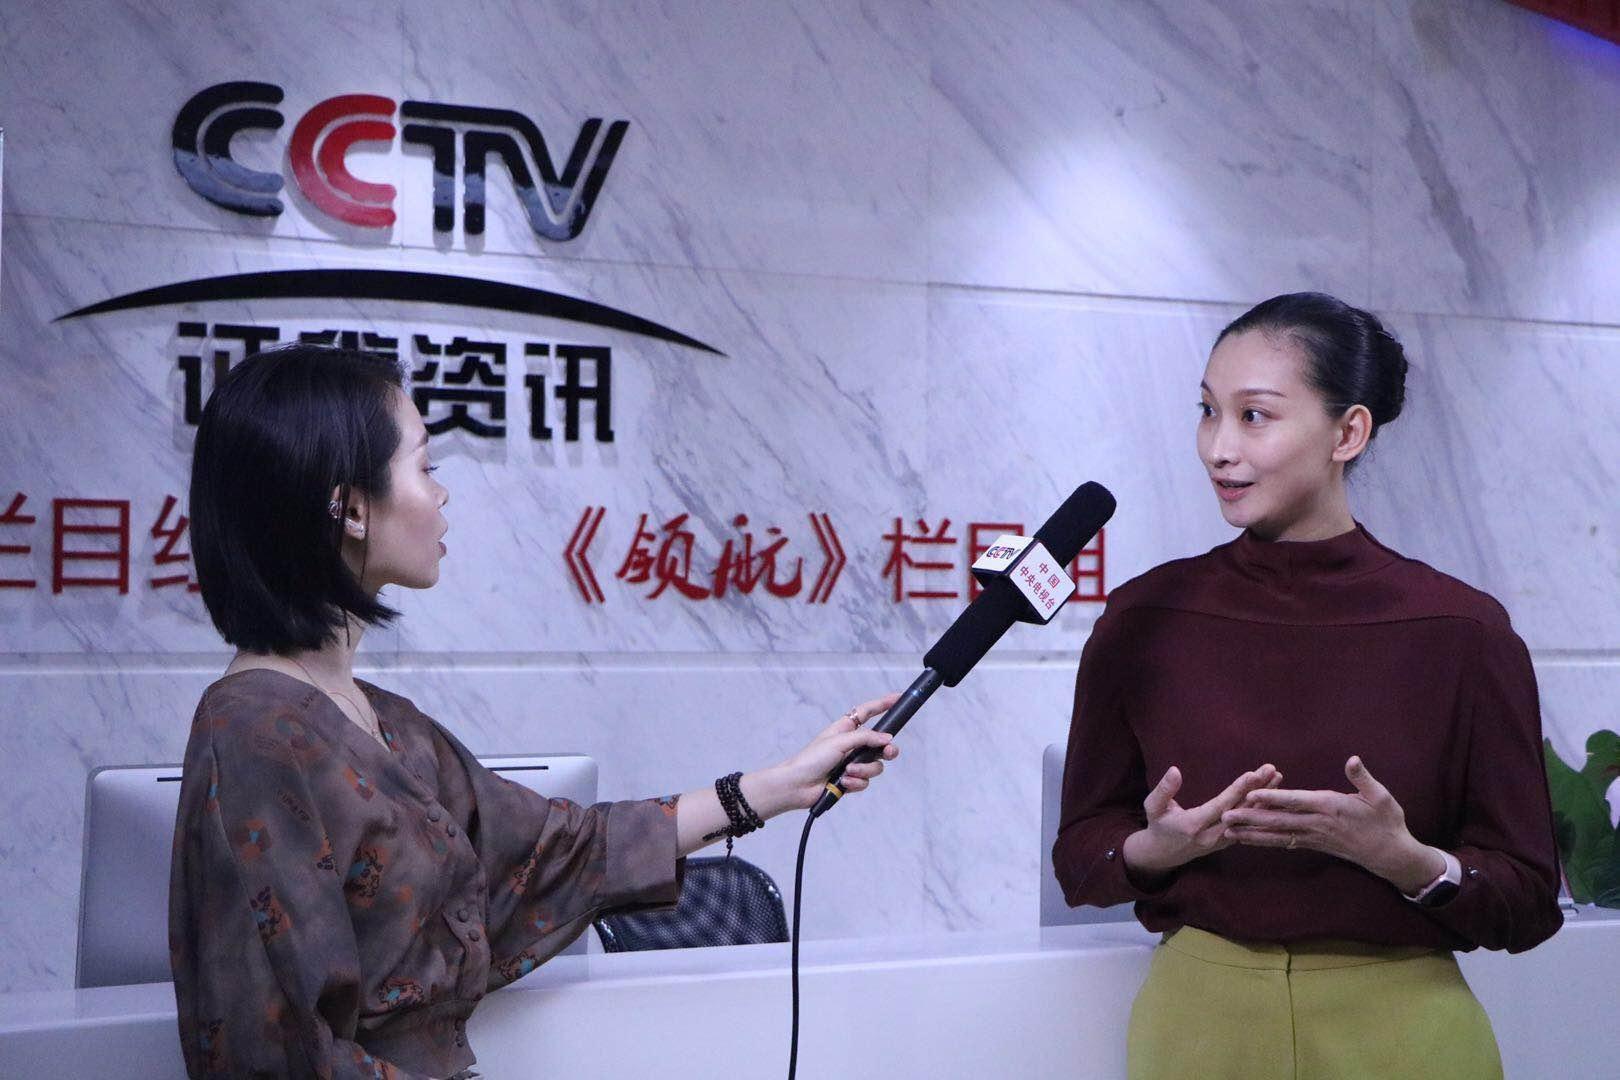 恭喜Dance To广州国际艺术教育培训学校入围中国品牌创新发展工程